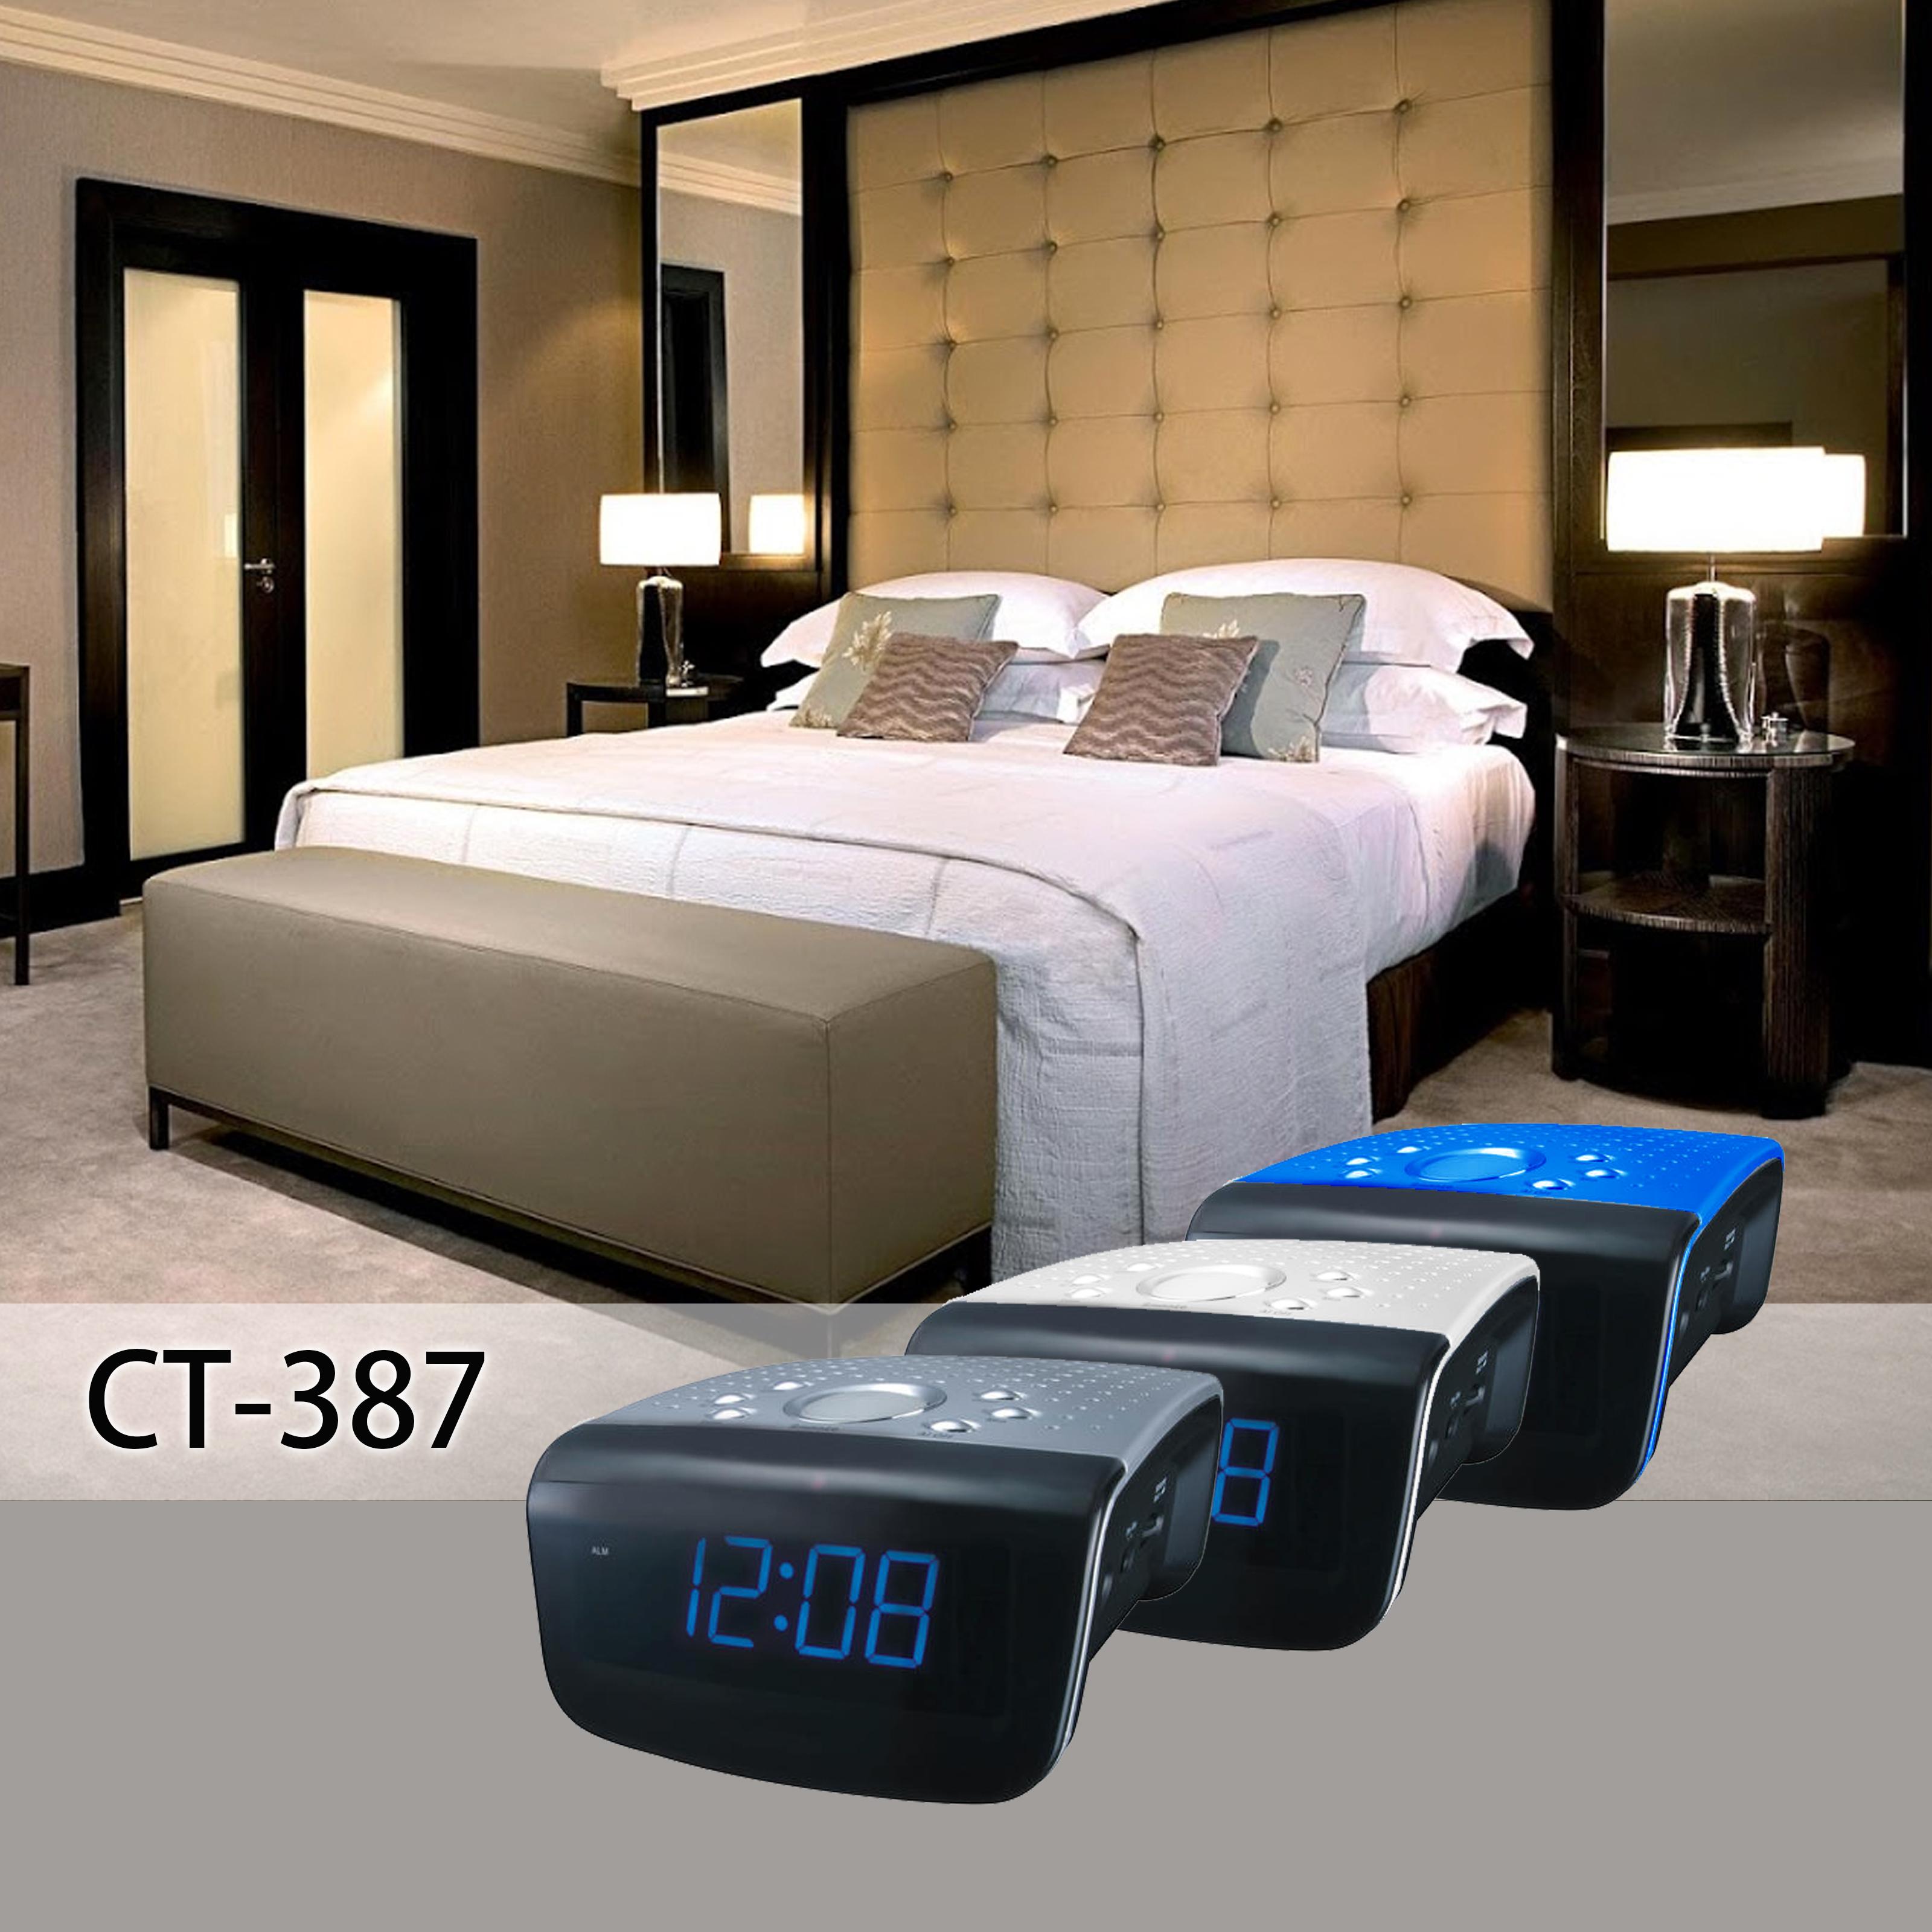 CT-387 bedroom.jpg